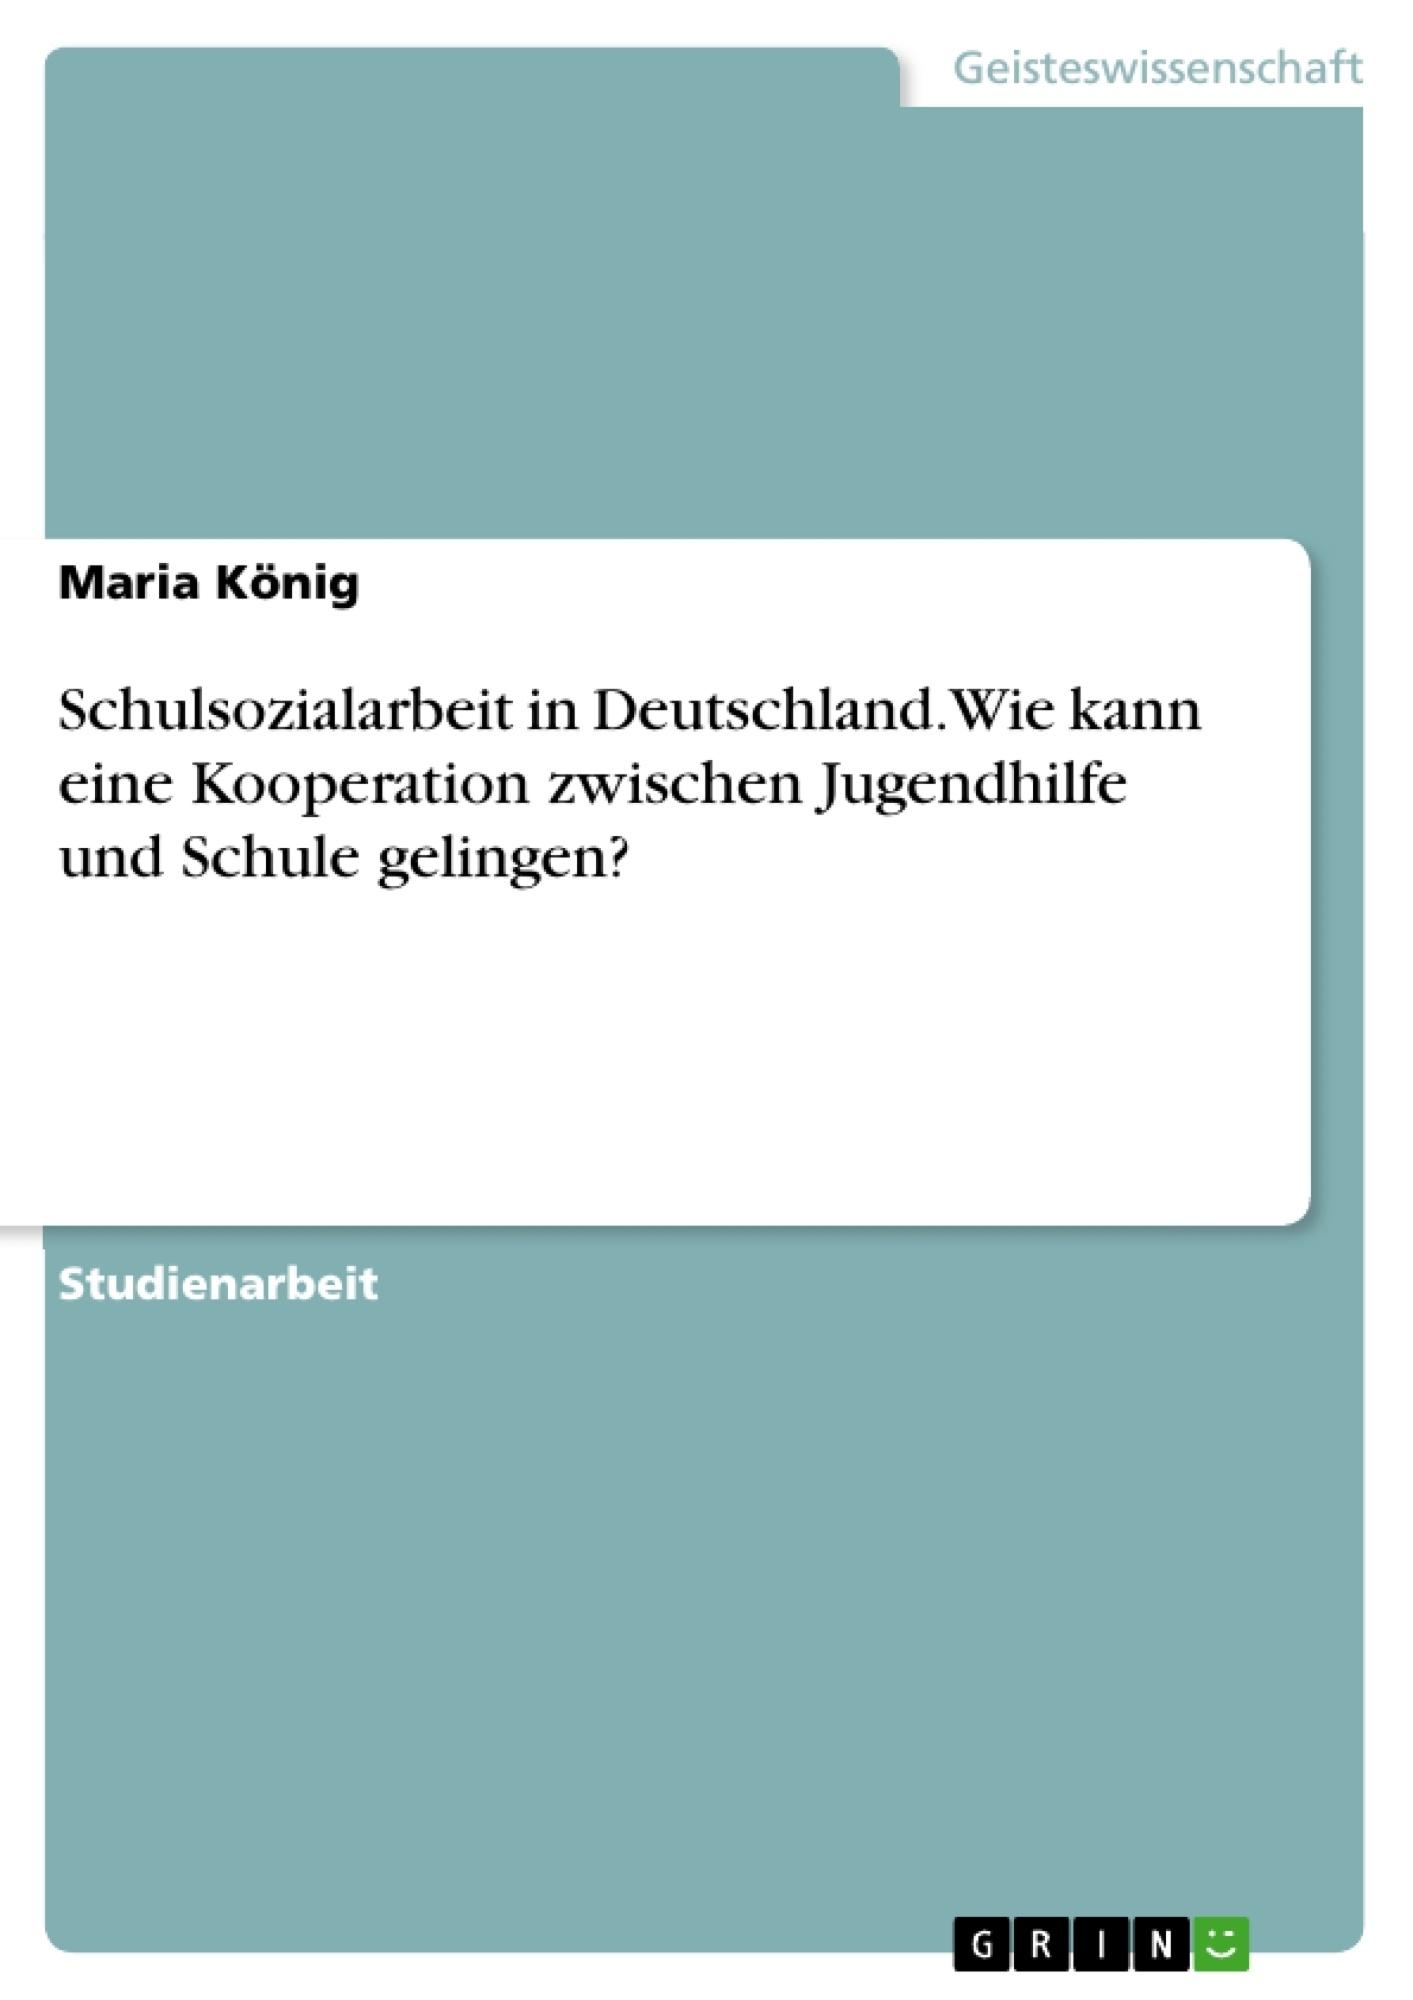 Titel: Schulsozialarbeit in Deutschland. Wie kann eine Kooperation zwischen Jugendhilfe und Schule gelingen?